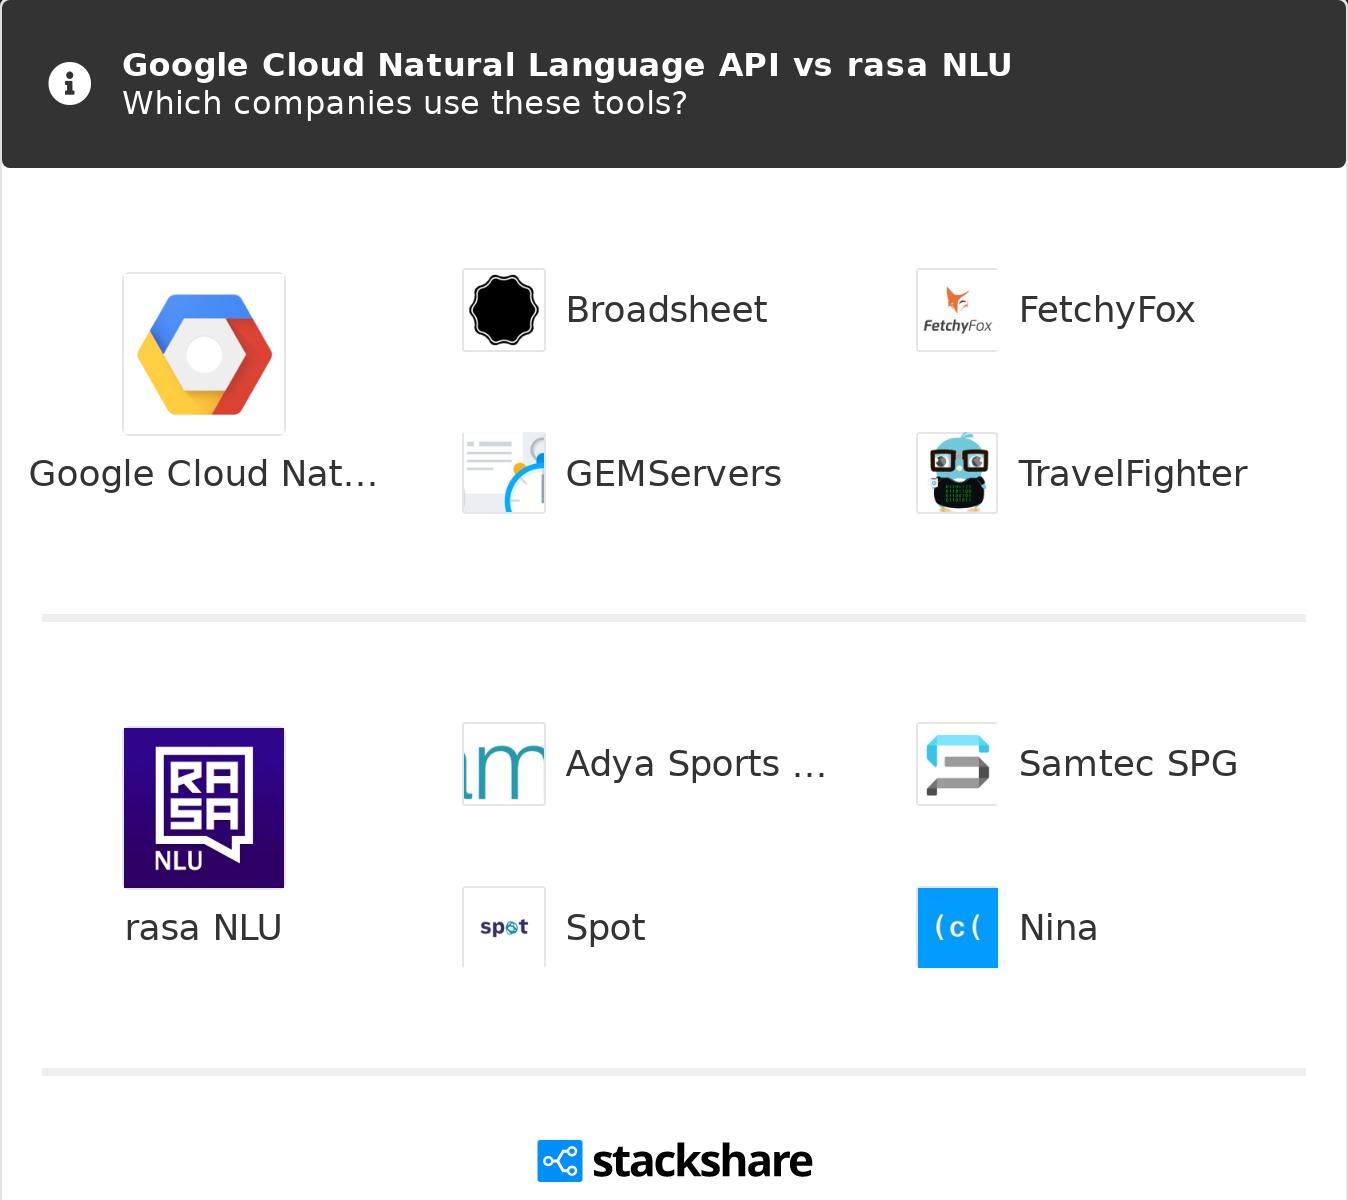 Google Cloud Natural Language API vs rasa NLU | What are the